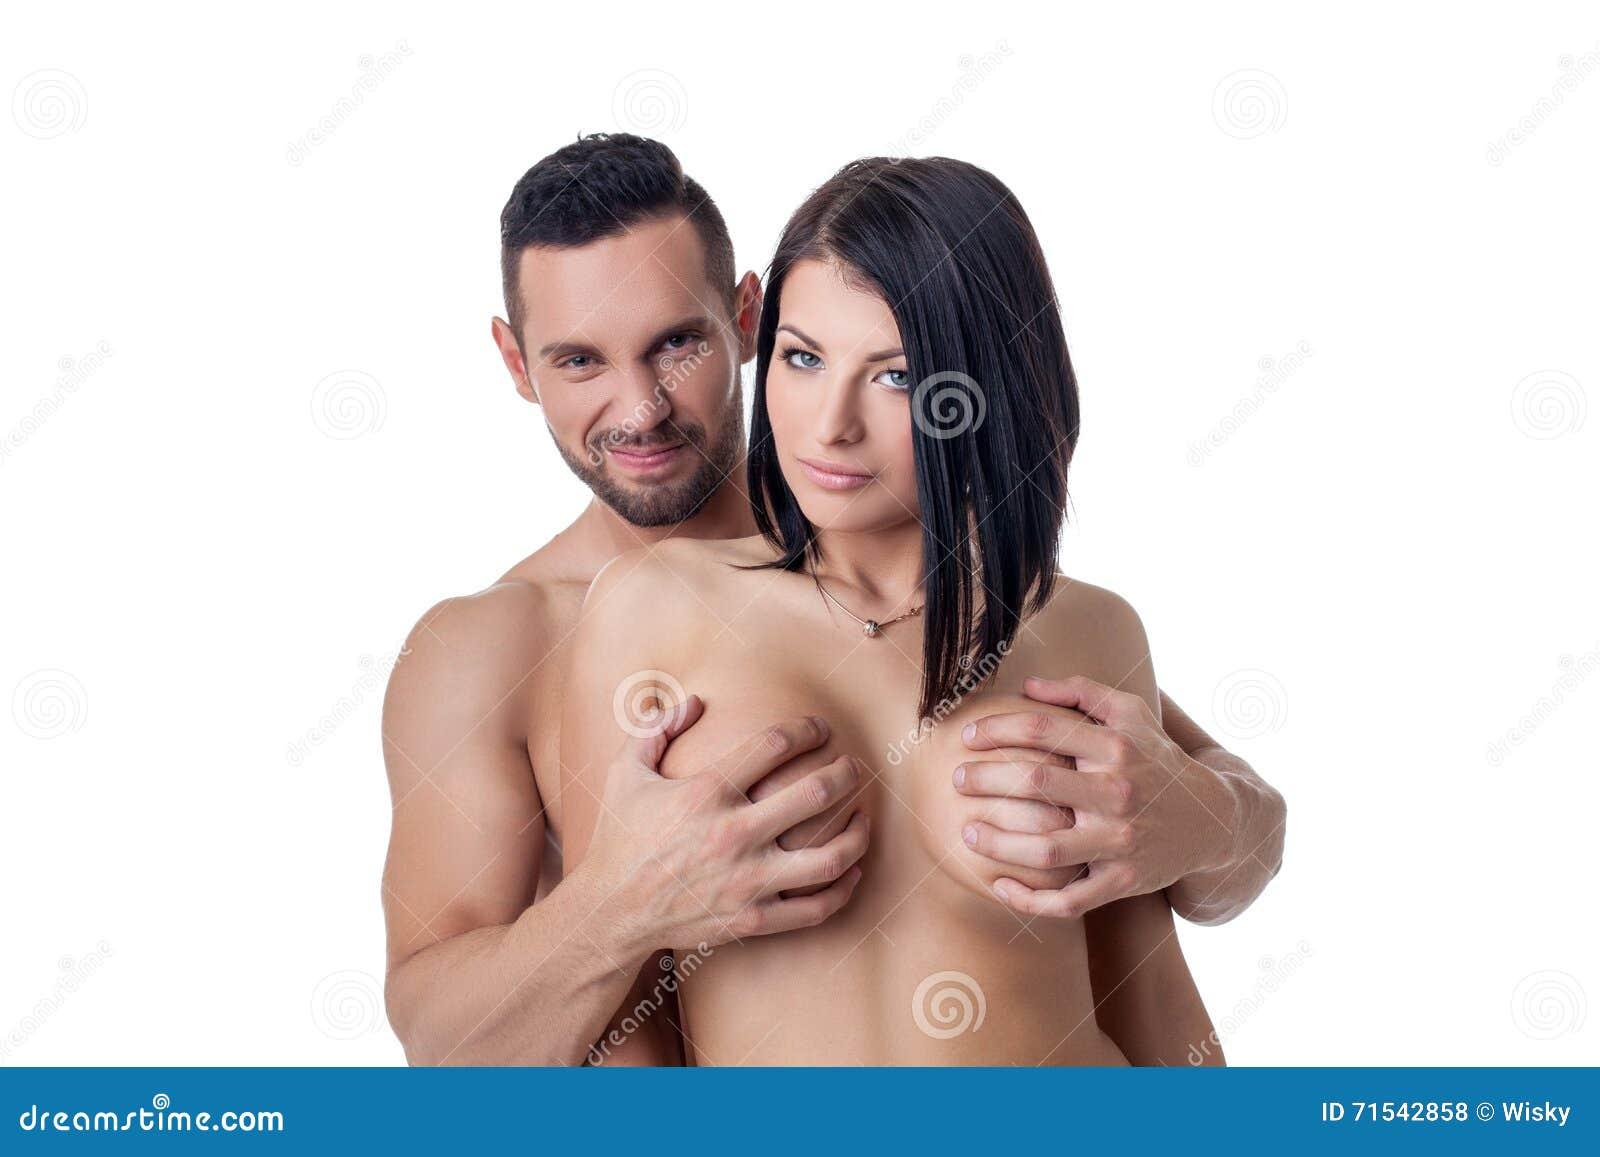 Dani mathers natural boobs